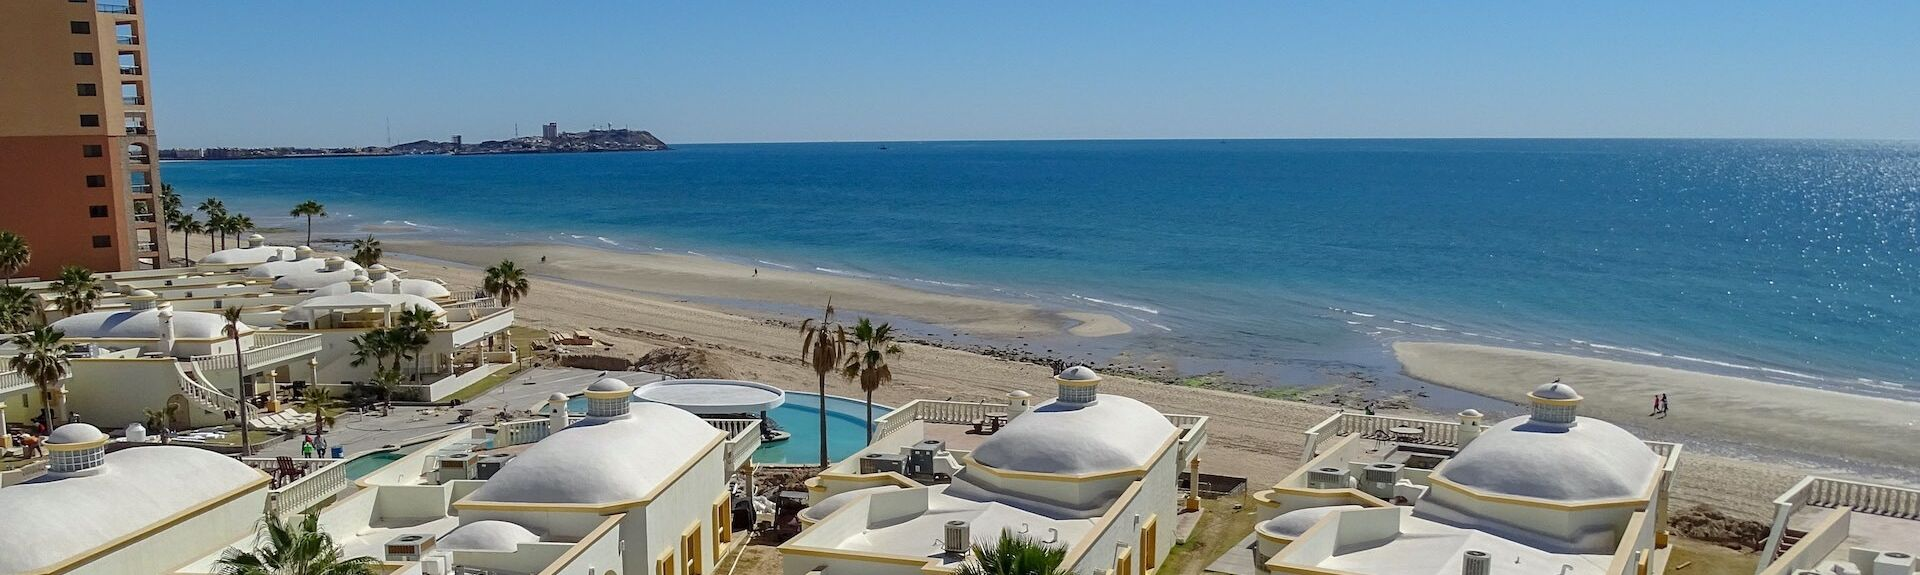 Las Palmas, Sandy Beach, Sonora, Mexico